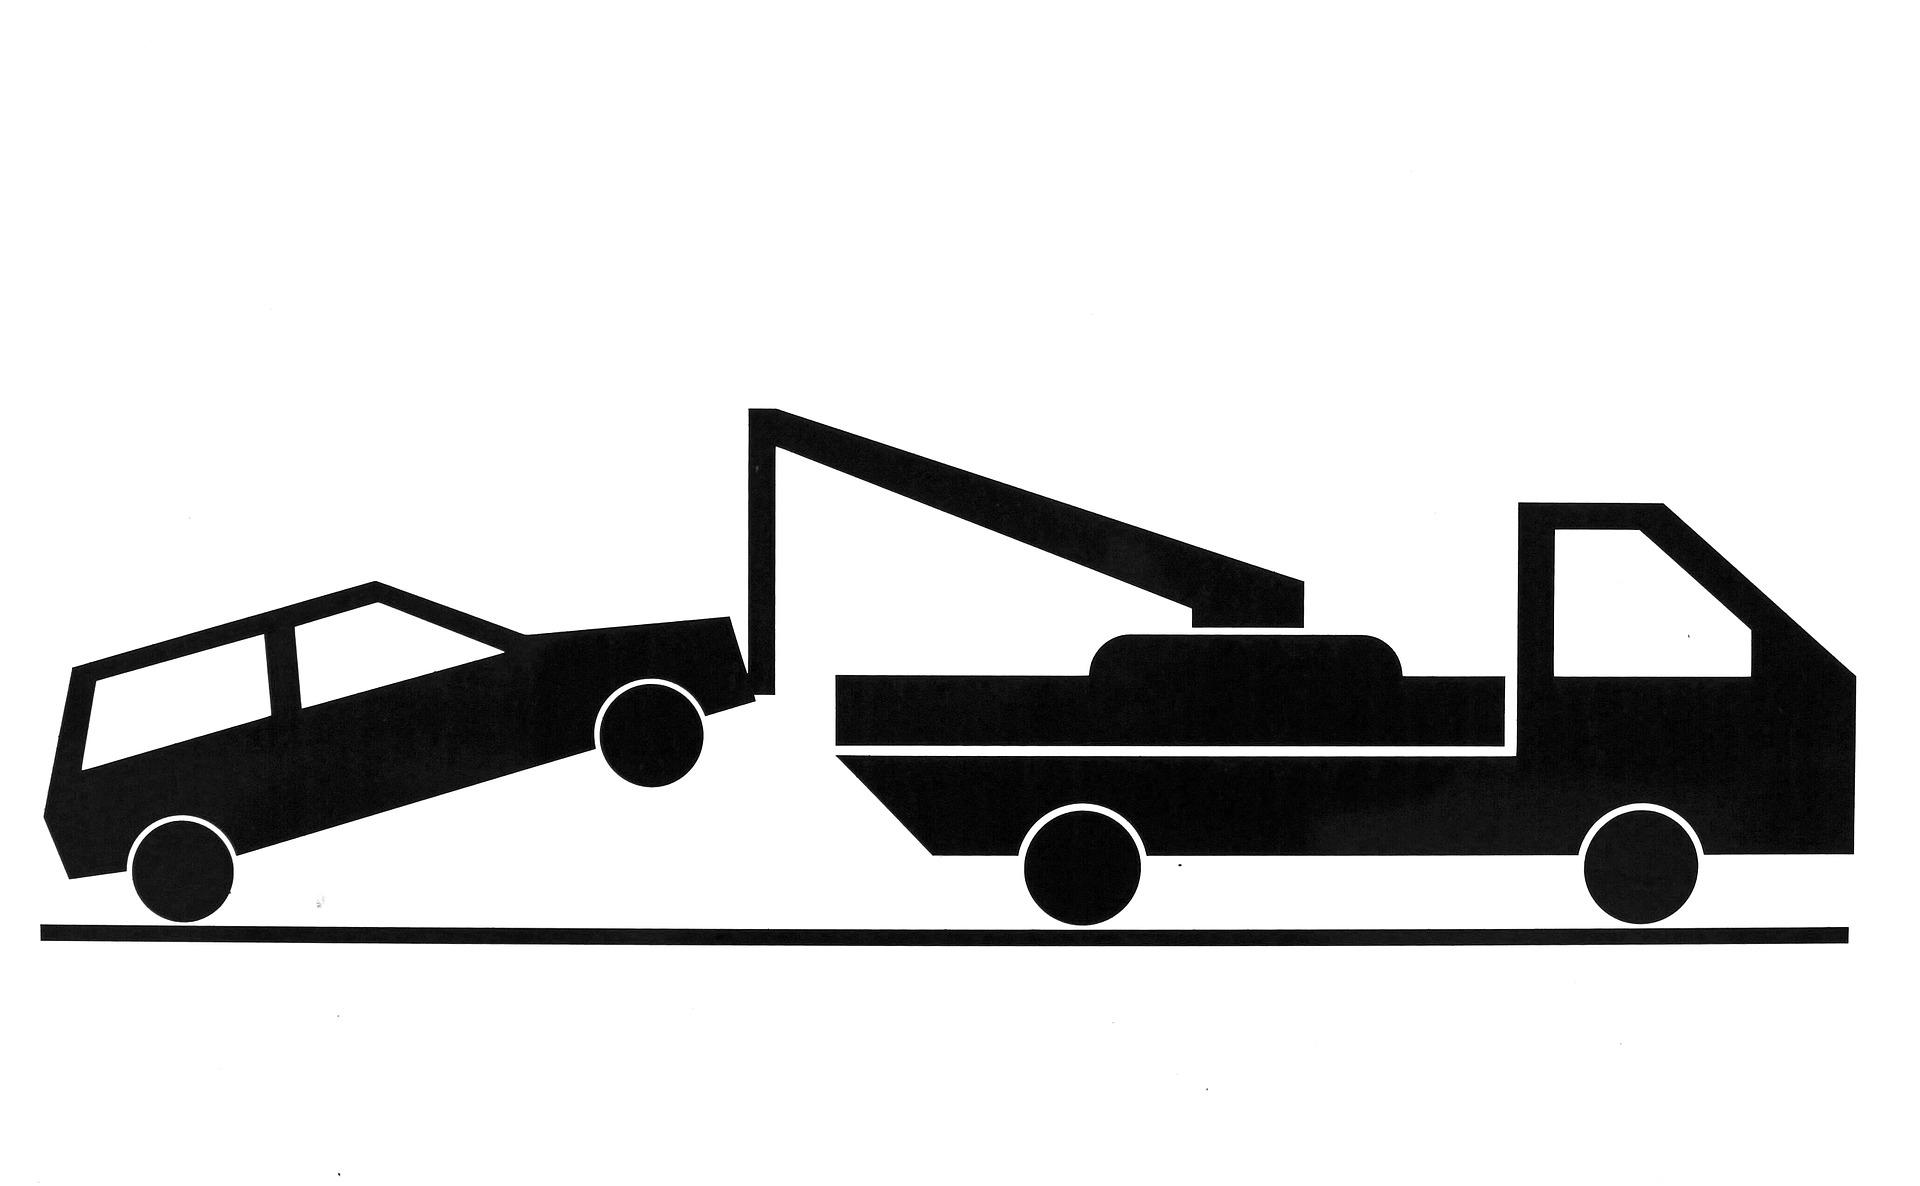 Proces wciągania samochodu do najazdu